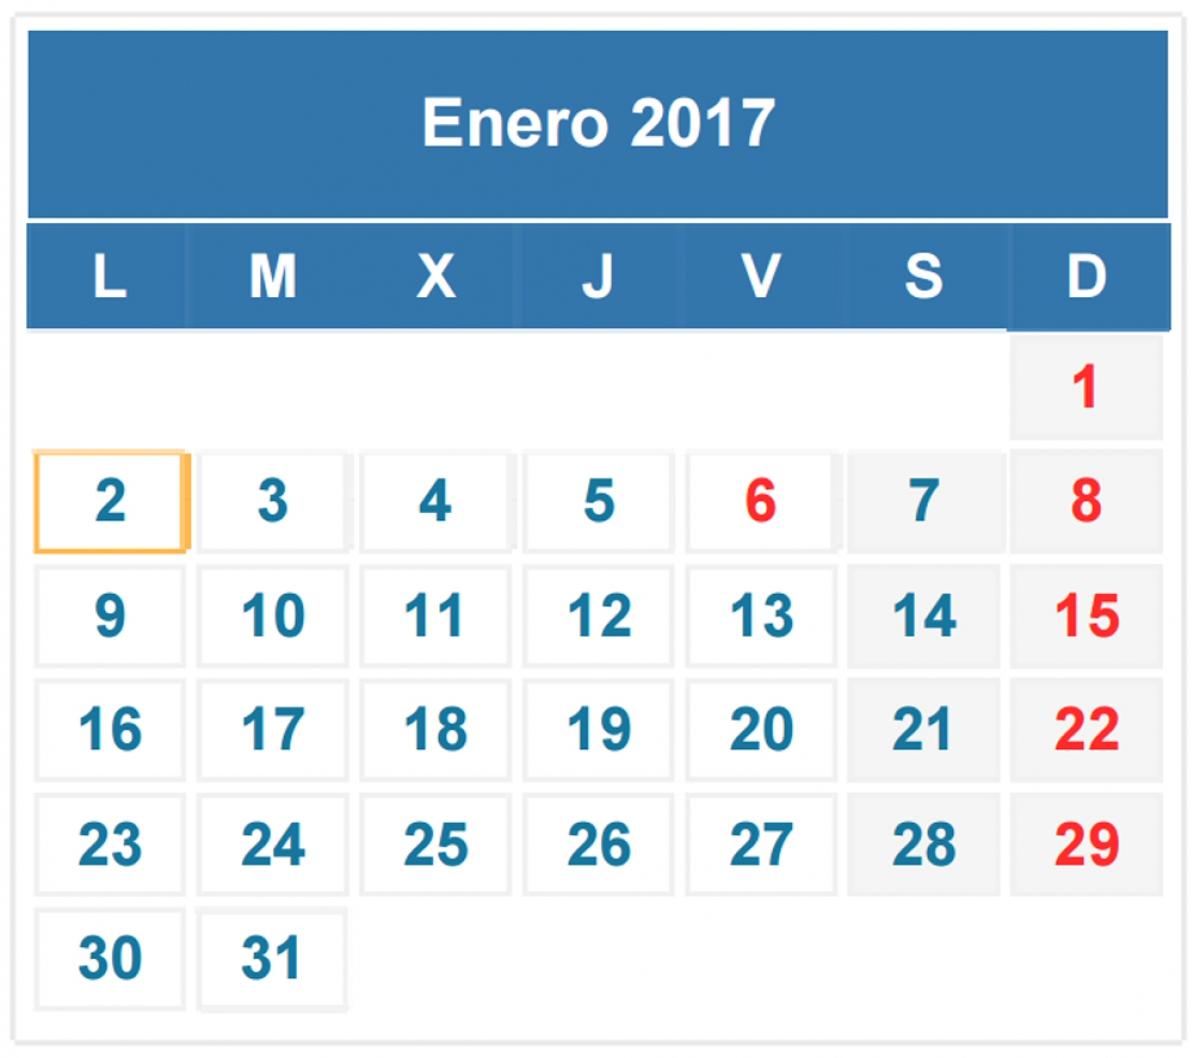 Calendario 2017 Argentina.El Carnaval No Tiene Resuelto Cual Sera El Calendario 2017